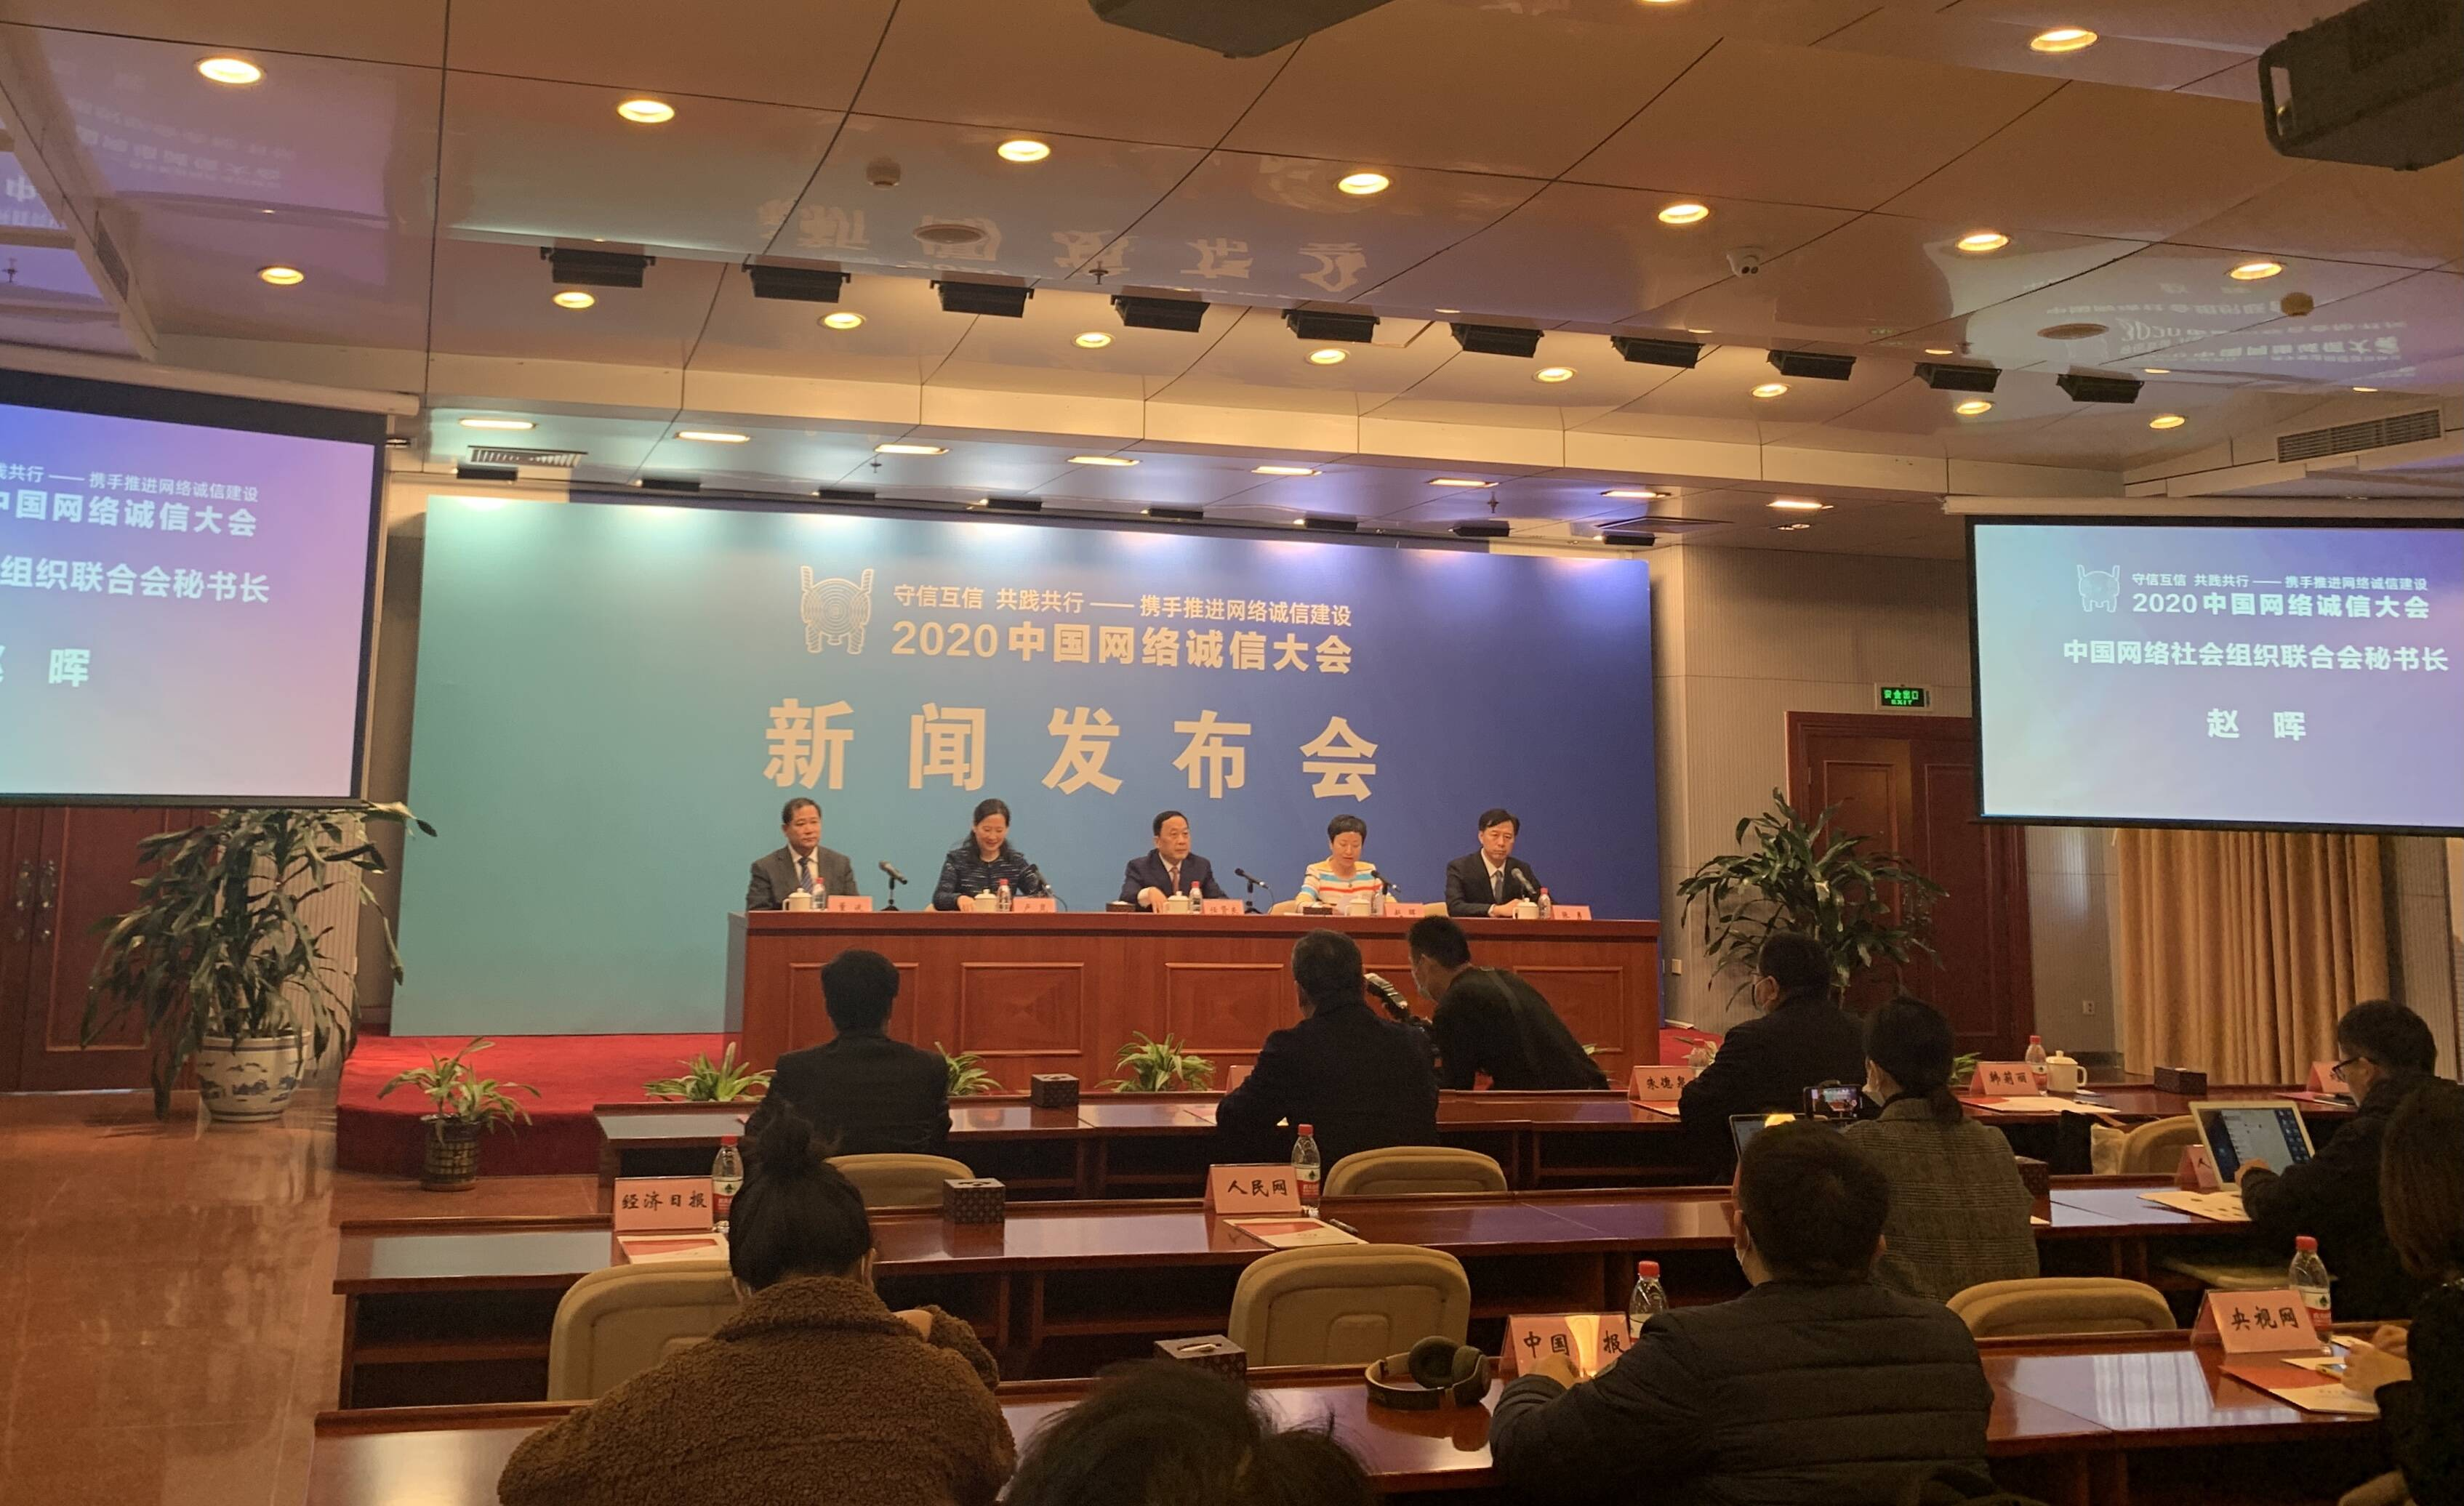 定了!2020中国网络诚信大会将于12月7日在山东曲阜举办